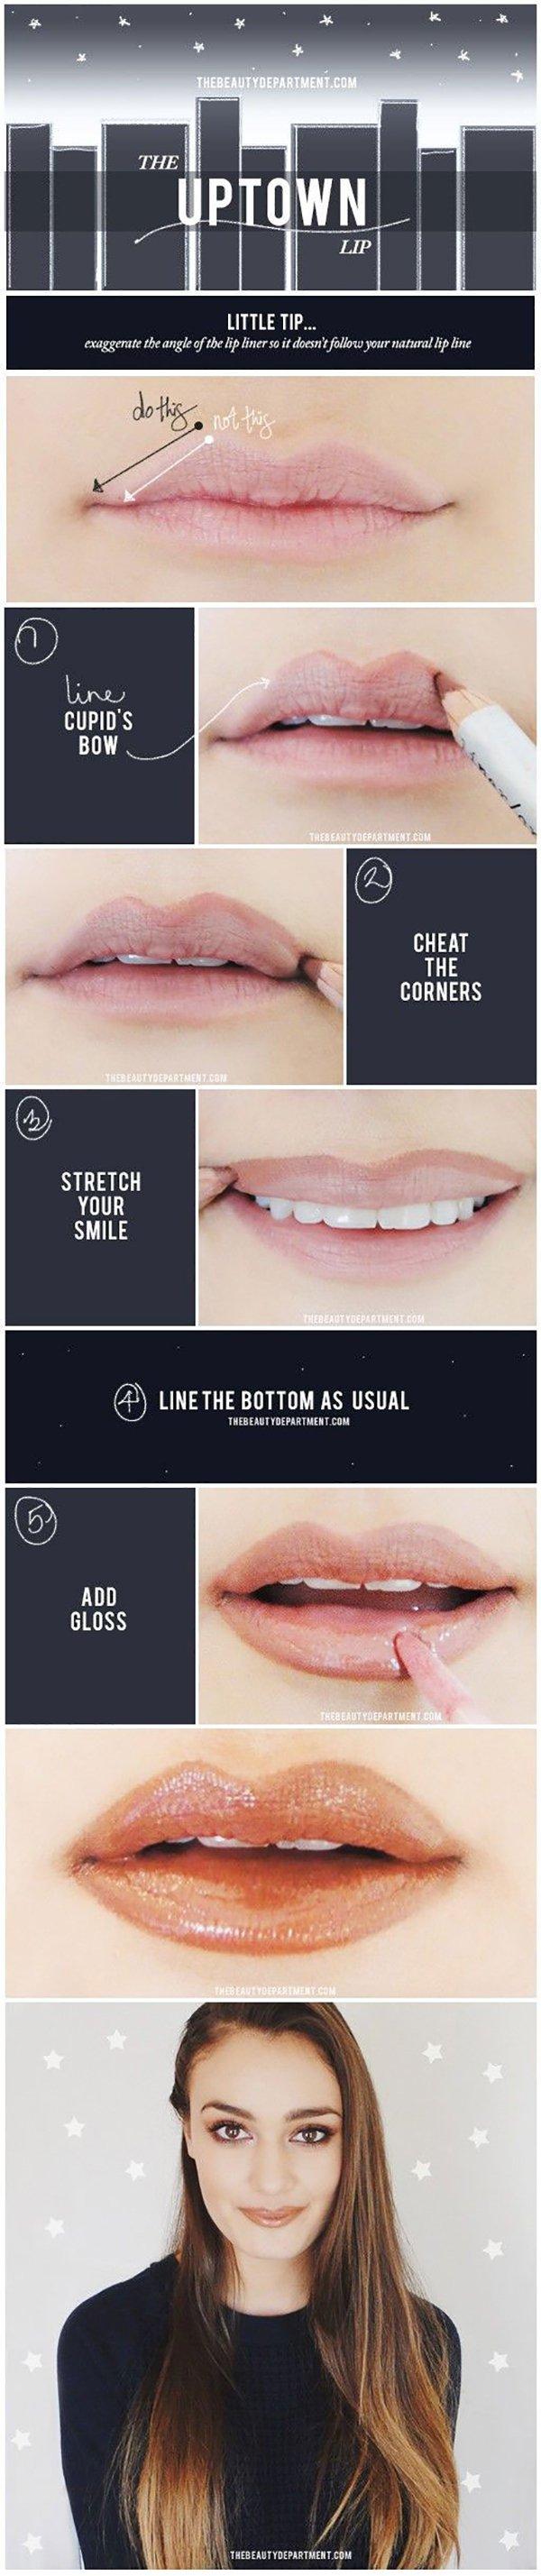 Uptown Lip